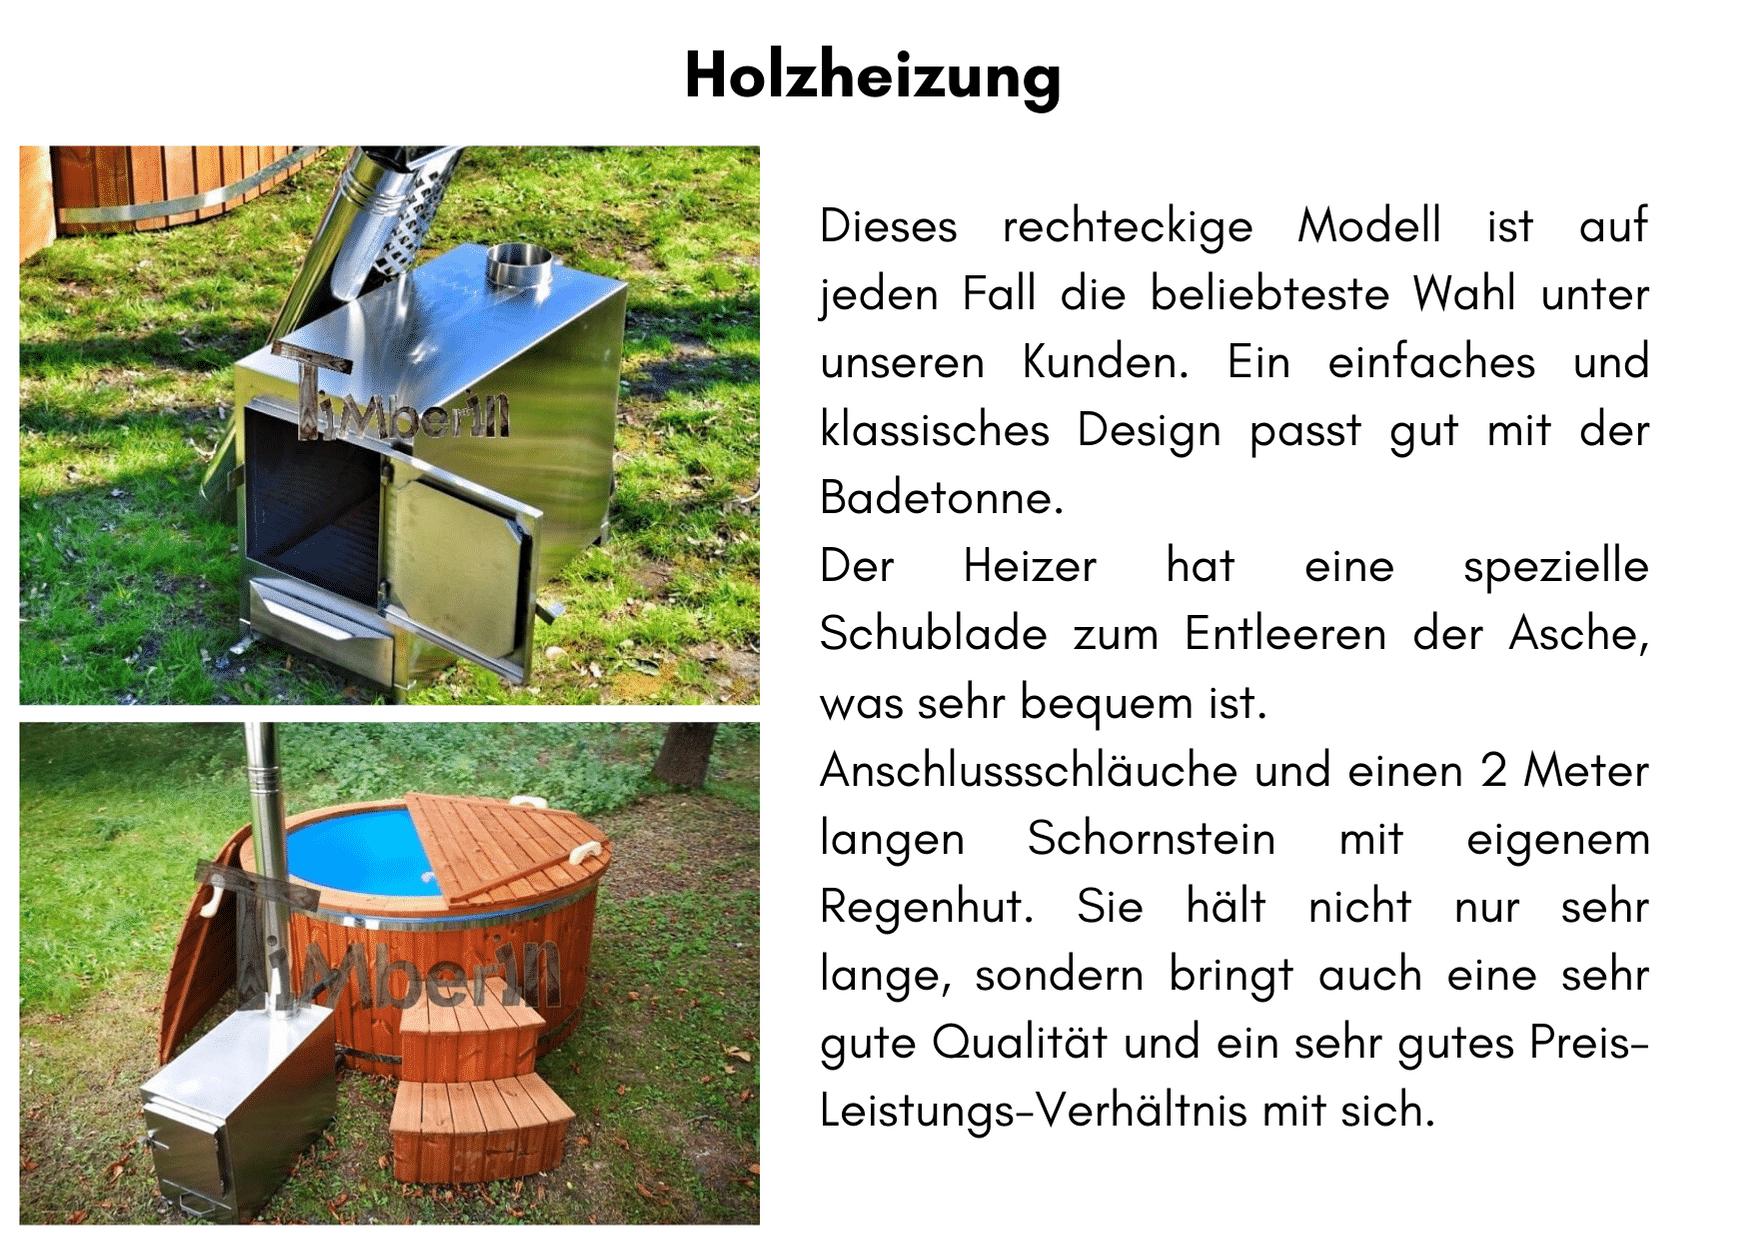 Holzofen Edelstahl 316 zur Wasseraufbereitung mit Salzen Badezuber GFK mit Aussenofen Holzofen Gasofen Dieselofen